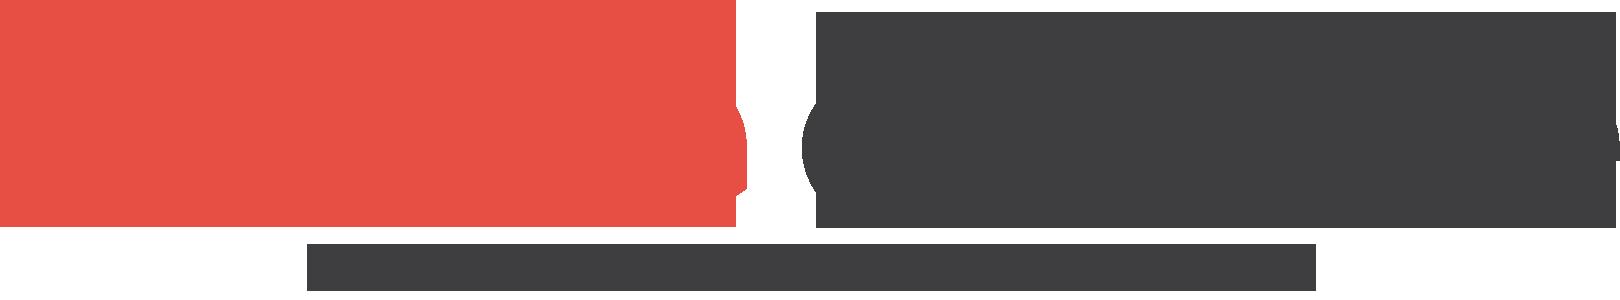 Adora Online